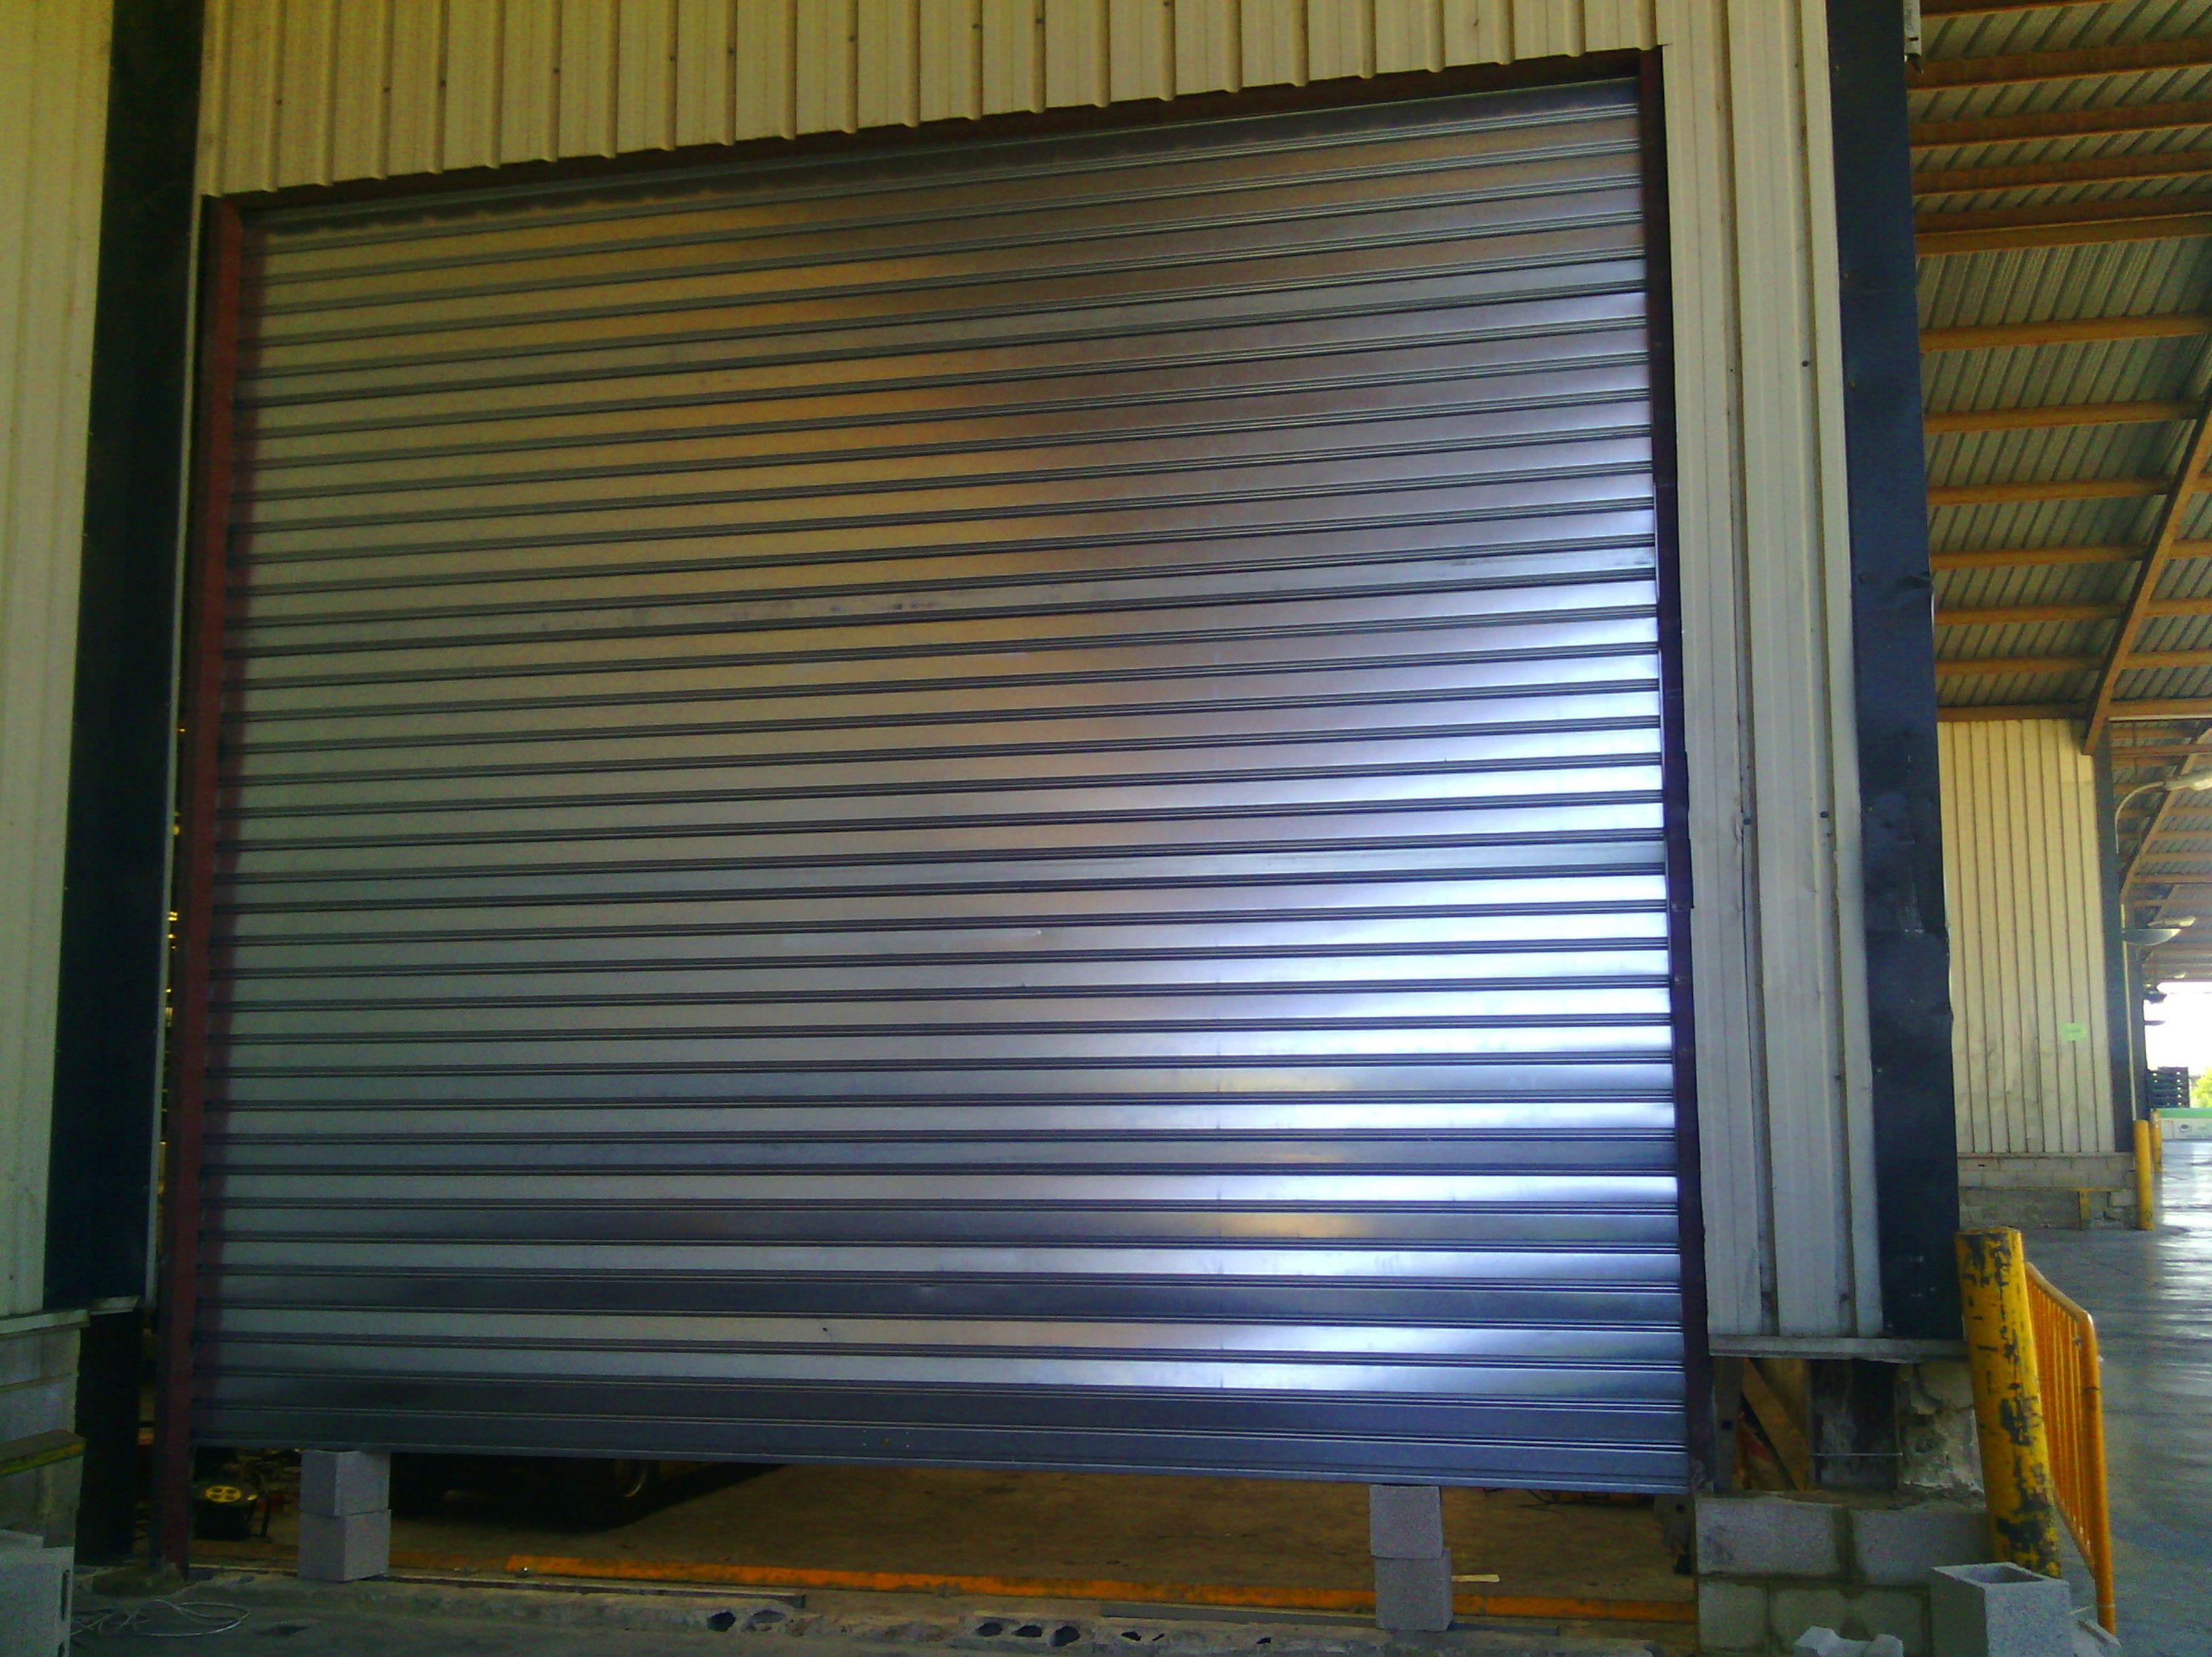 Montaje de puerta metálica enrollable grande